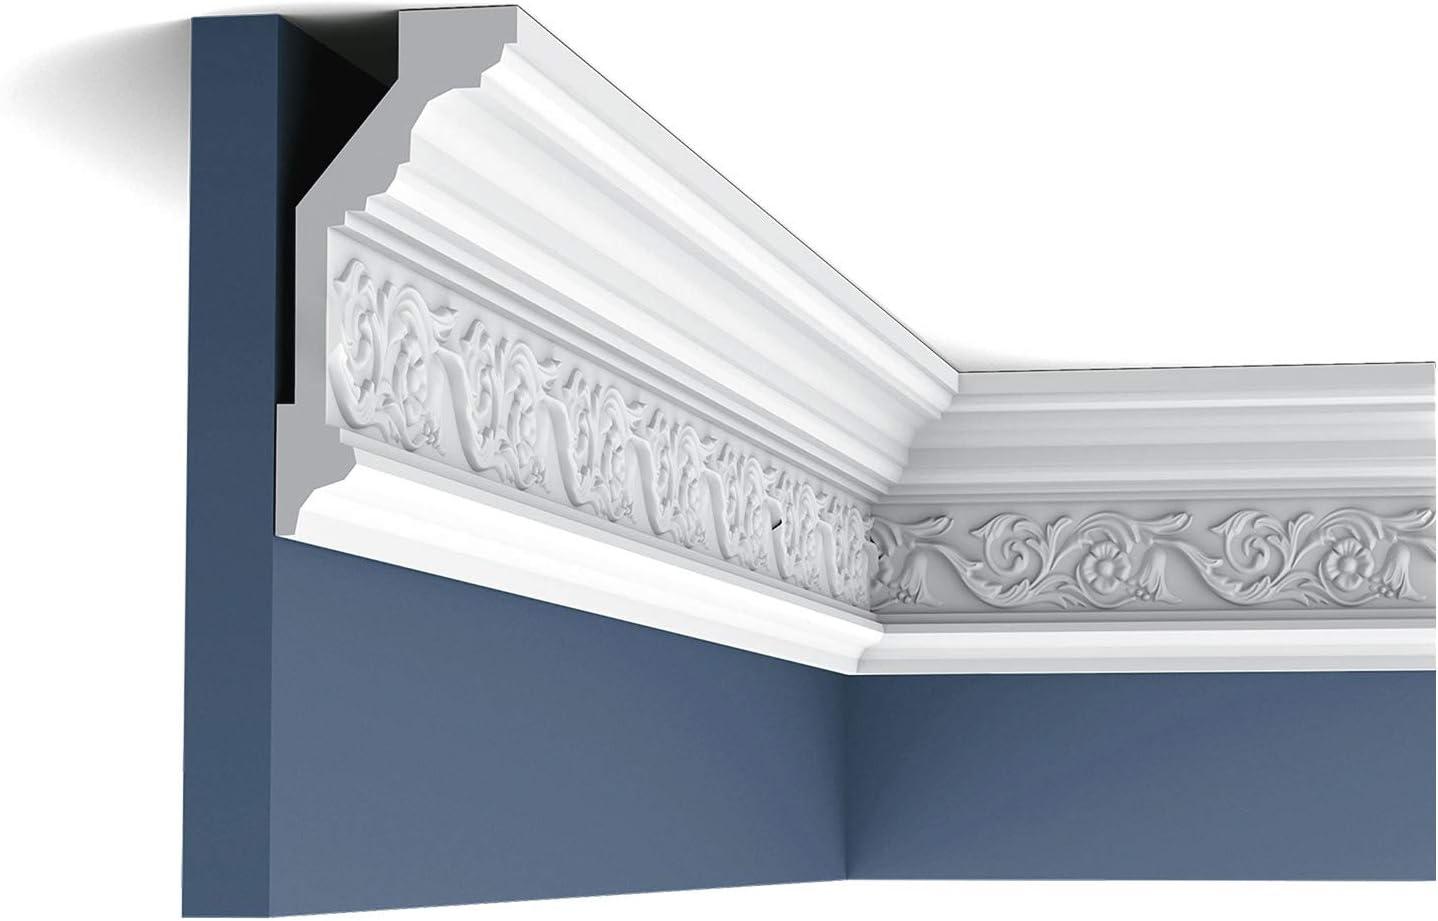 Cornice Moulding Panel Moulding Stucco Decoration 2 m Orac Decor C303 LUXXUS